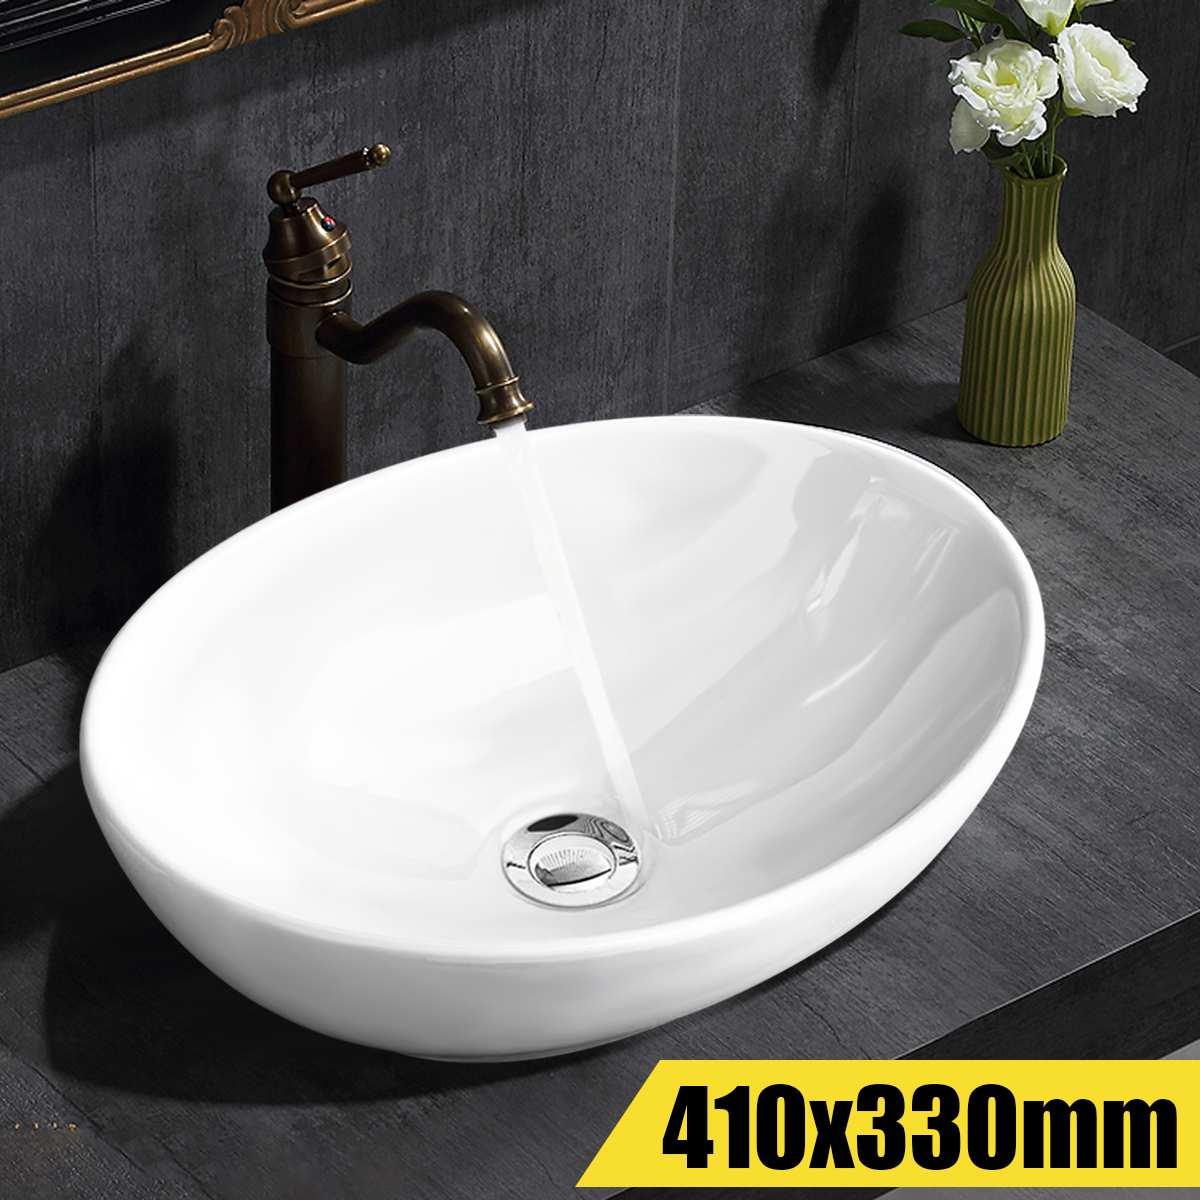 Xueqin 16 Pouces Ovale Bol En Céramique Salle De Bains Vanity Évier Blanc Artistique Bassin Robinet Moderne Style Lavage évier de salle de bain